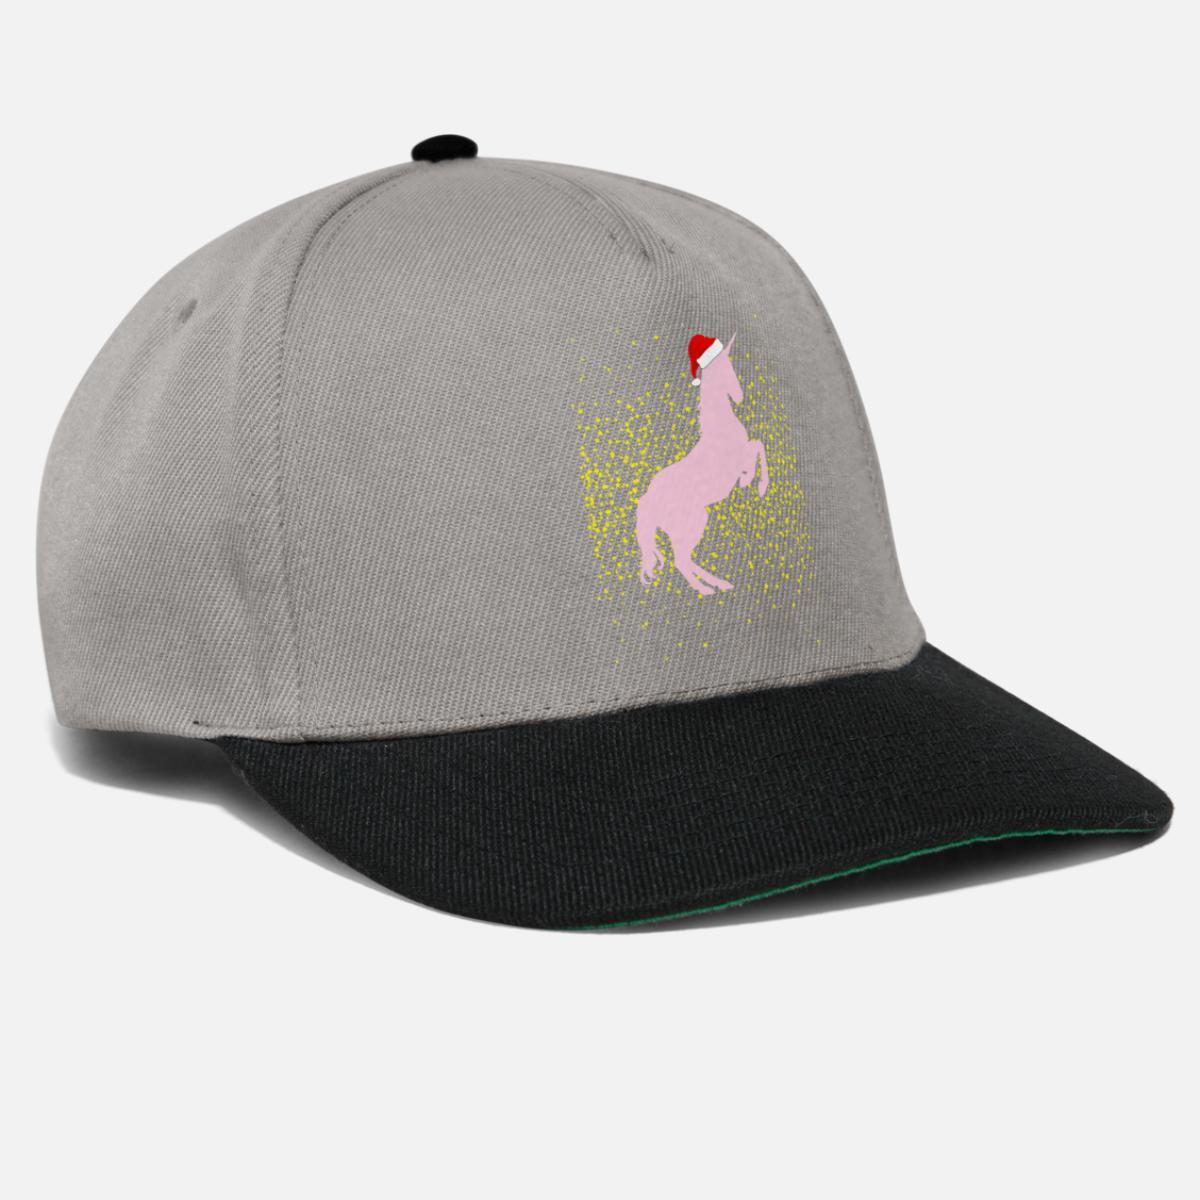 96ffbe8b29ae9 Sombreros de Navidad Unicornio regalo para niños estrellas Gorra snapback